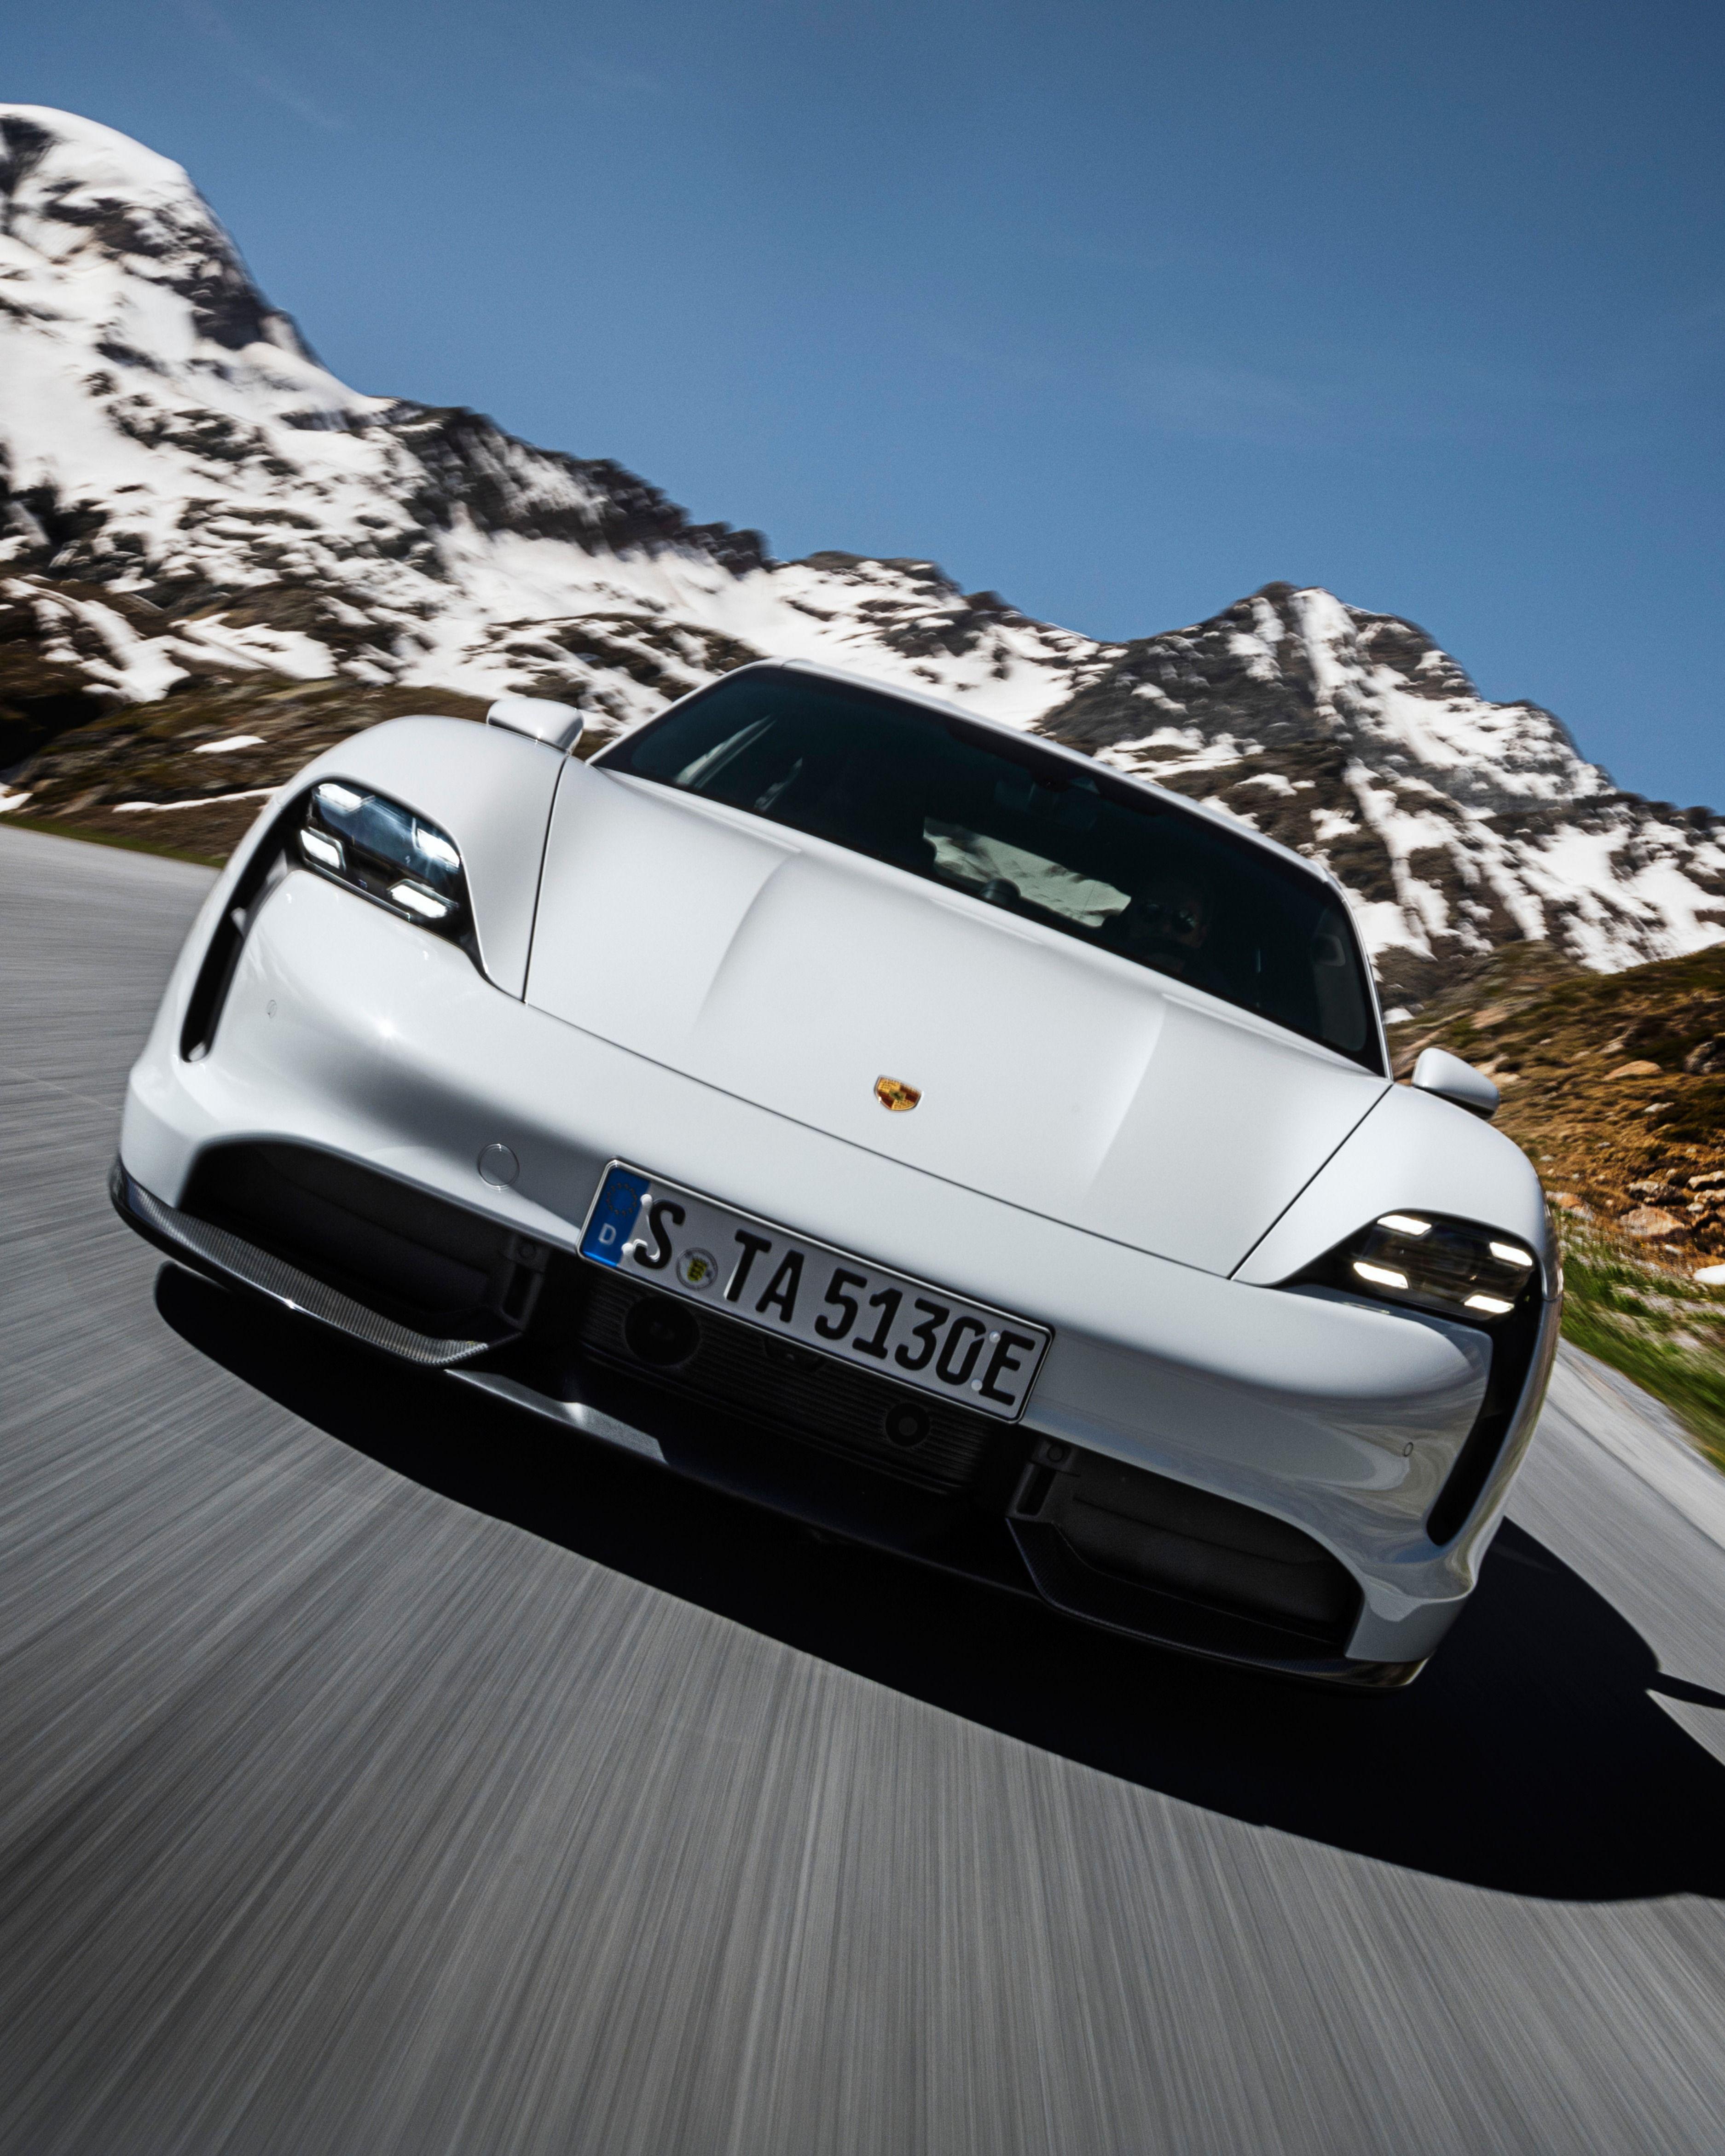 Porsche Electric Sports Car: Porsche Taycan Interior And Range: In-Depth On Porsche's